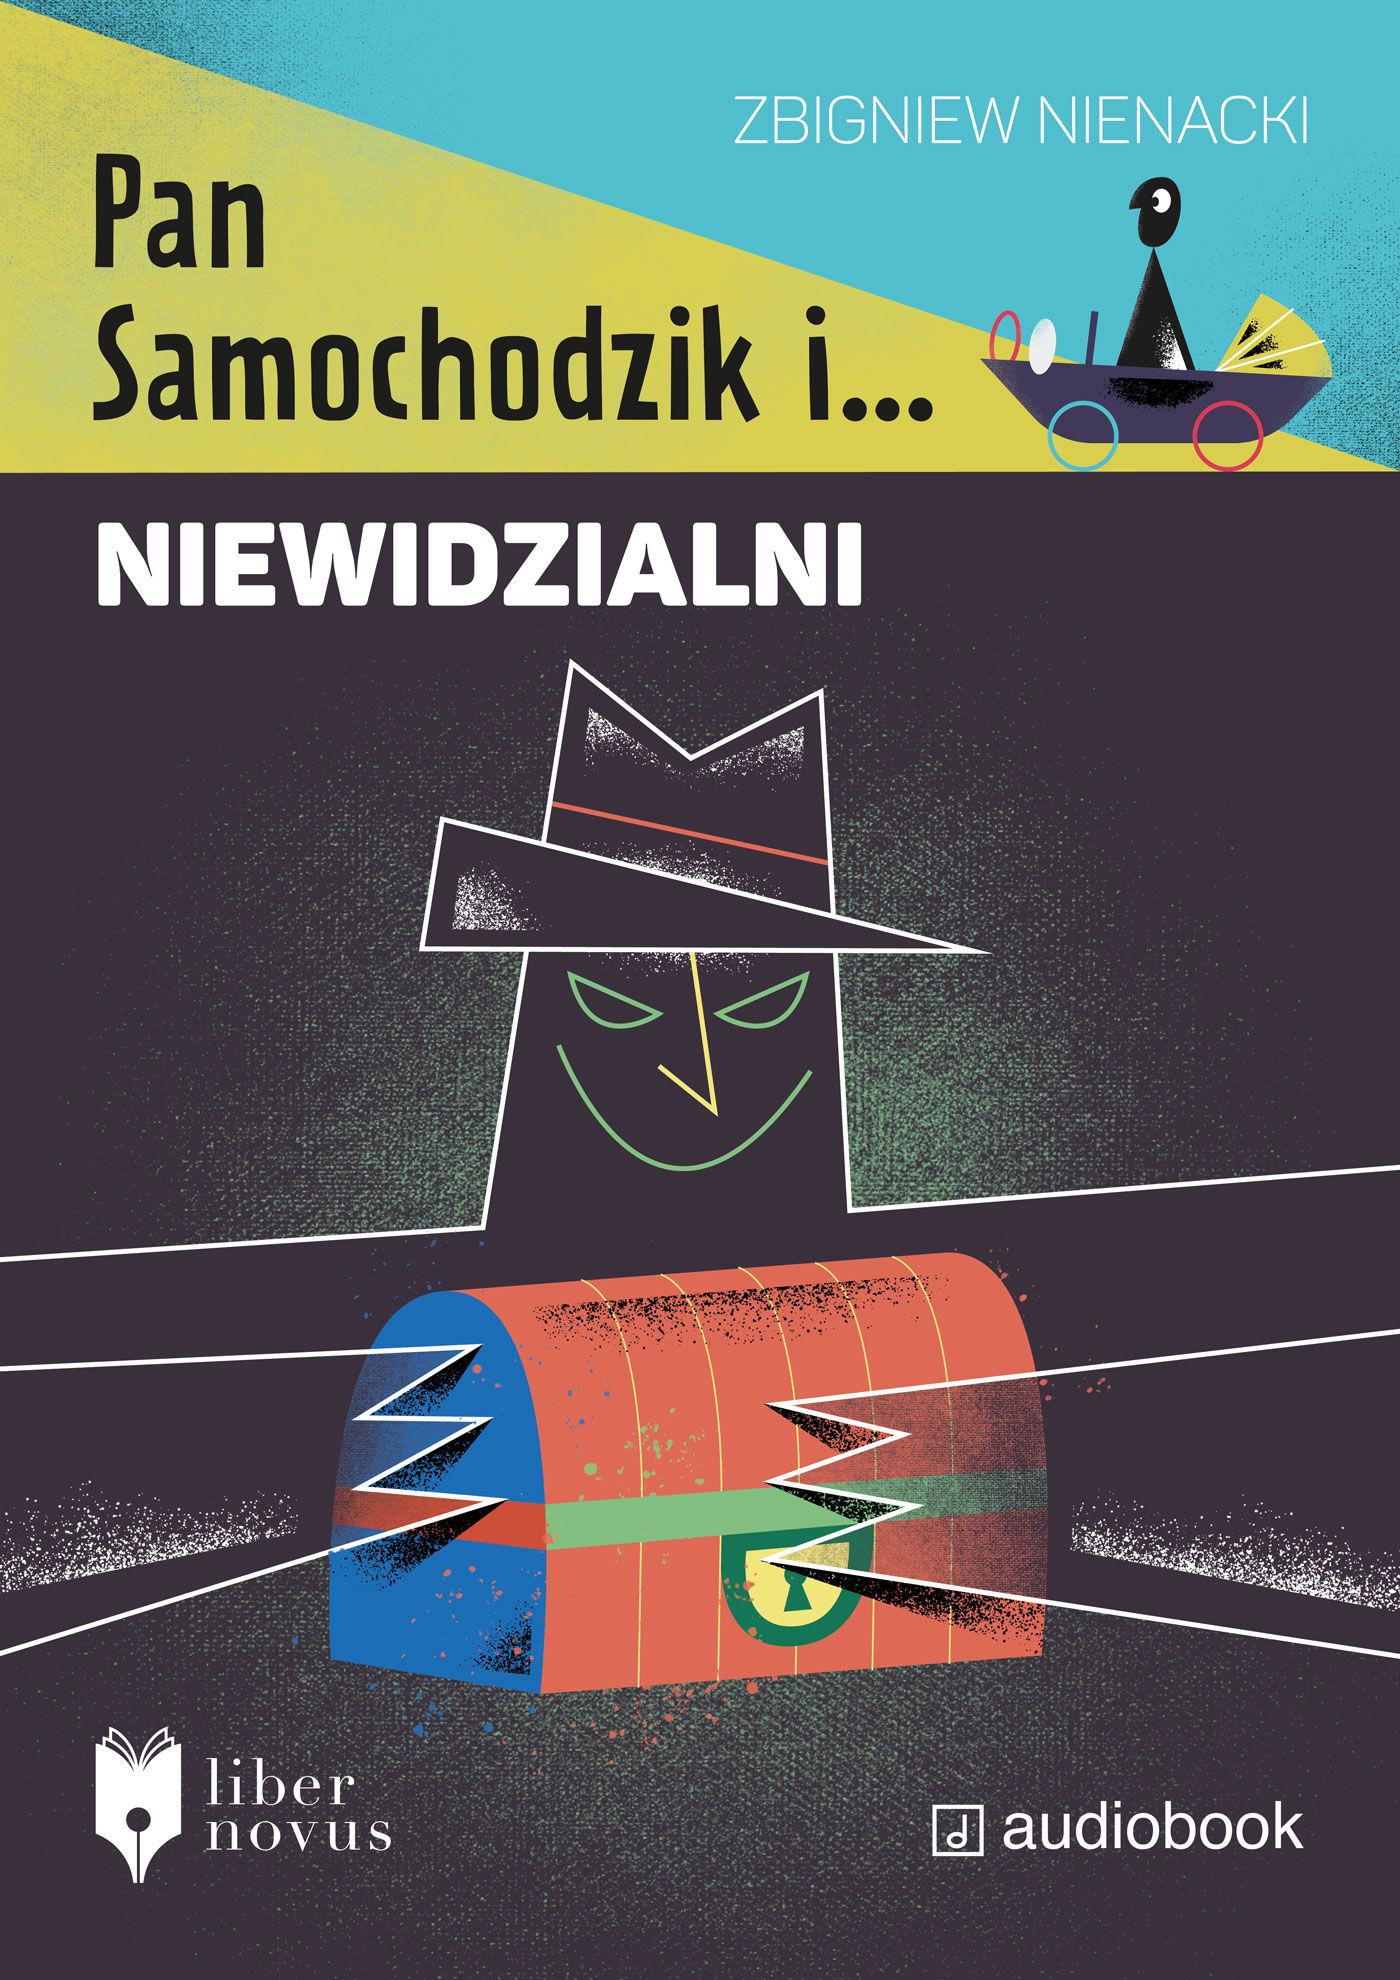 Pan Samochodzik i Niewidzialni - Zbigniew Nienacki - audiobook